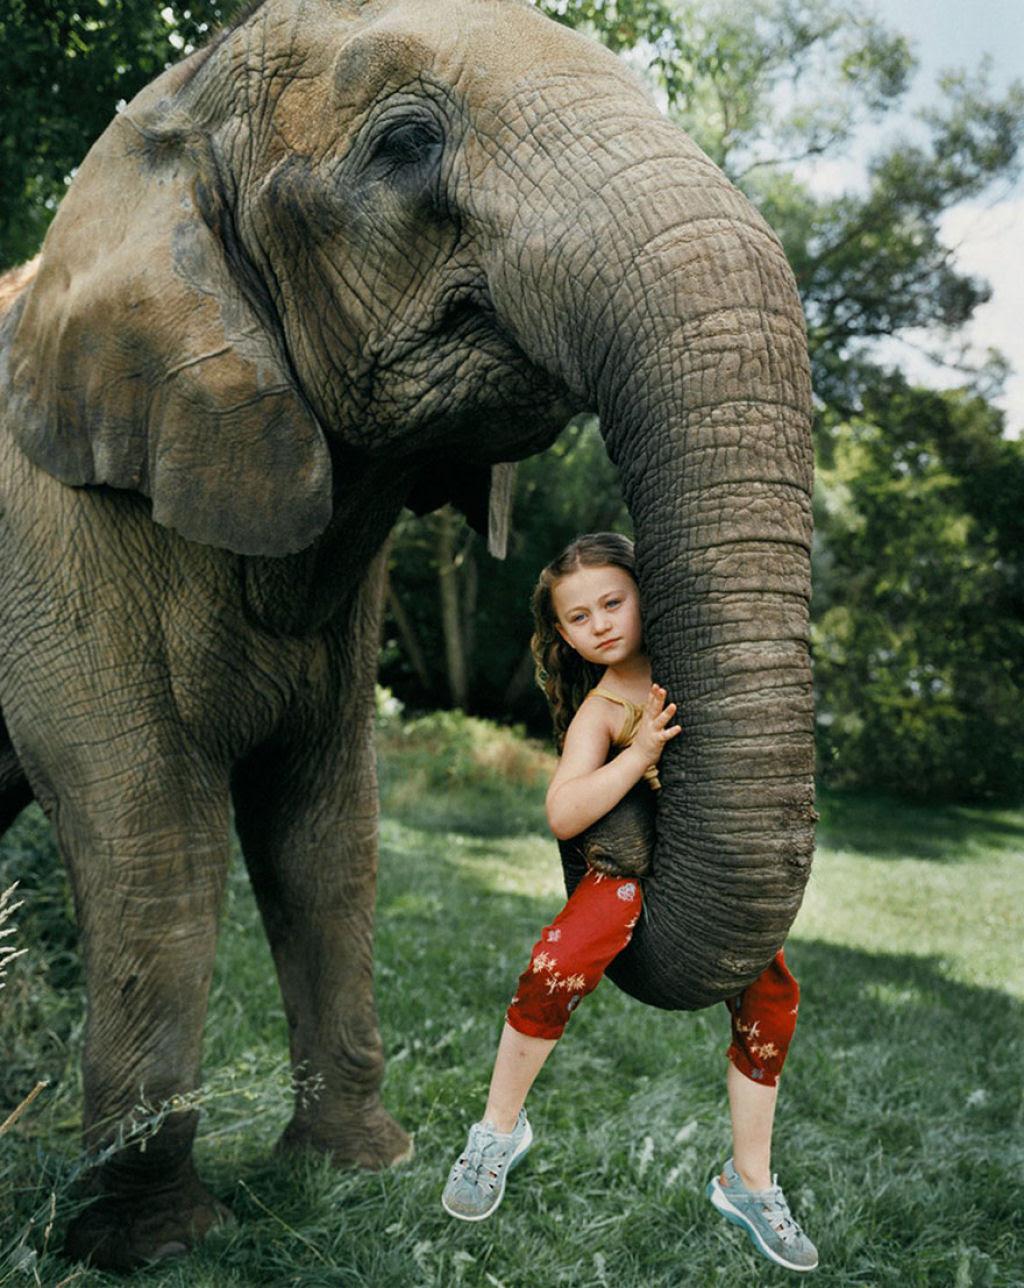 O Mundo de Amelia - A menina que cresceu com os animais e os considera seus irmãos 02